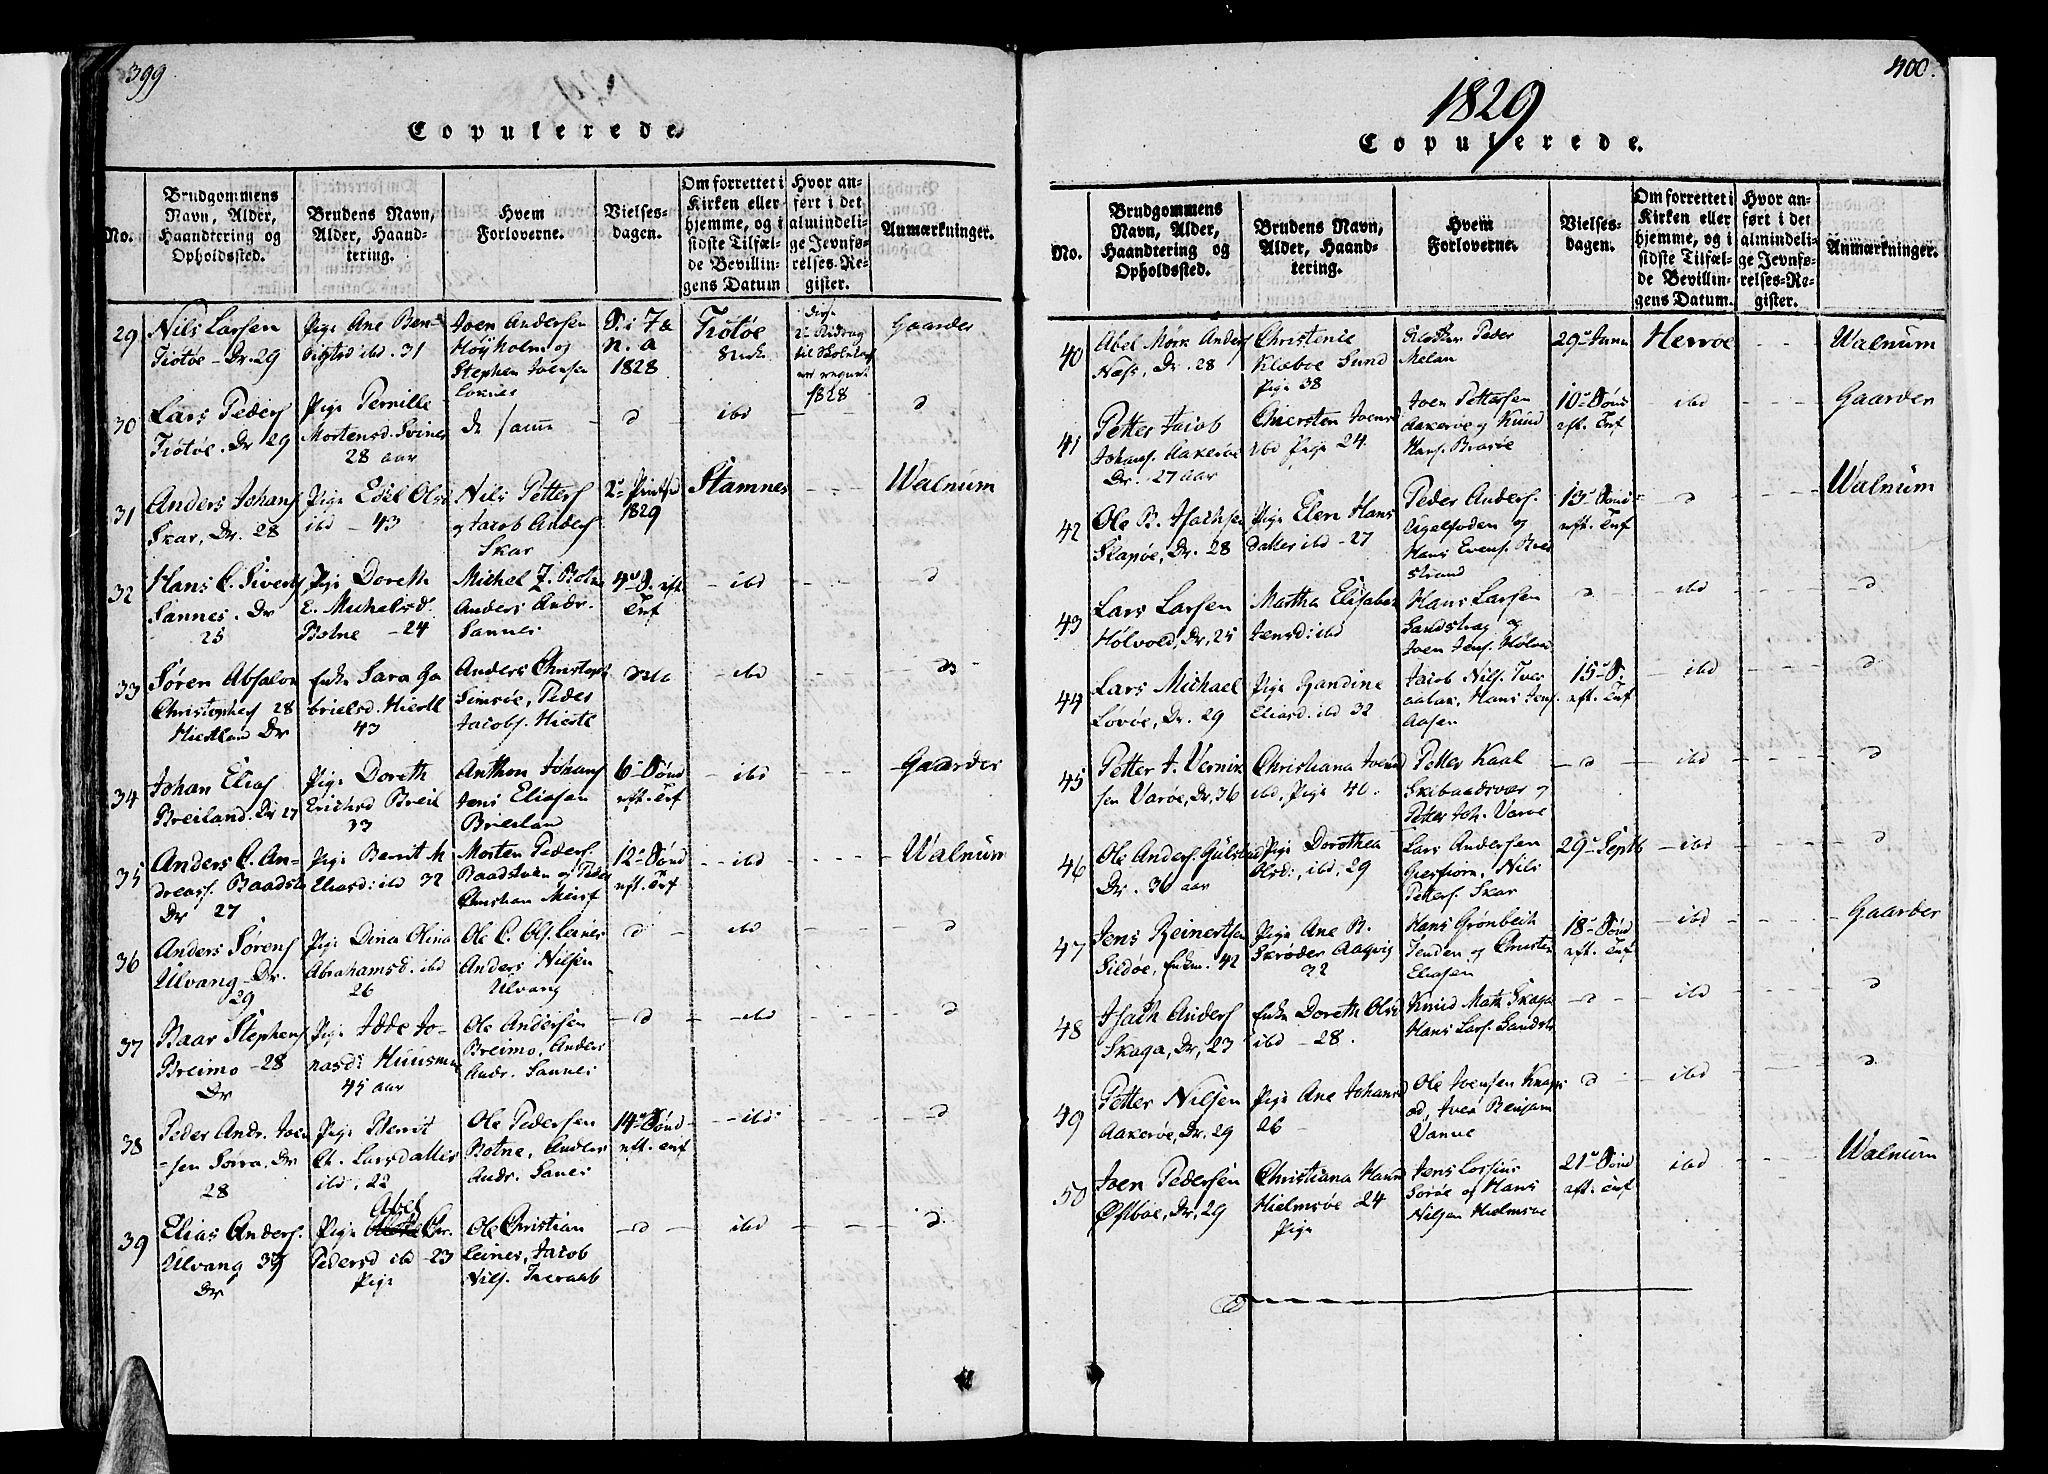 SAT, Ministerialprotokoller, klokkerbøker og fødselsregistre - Nordland, 830/L0445: Parish register (official) no. 830A09, 1820-1830, p. 399-400